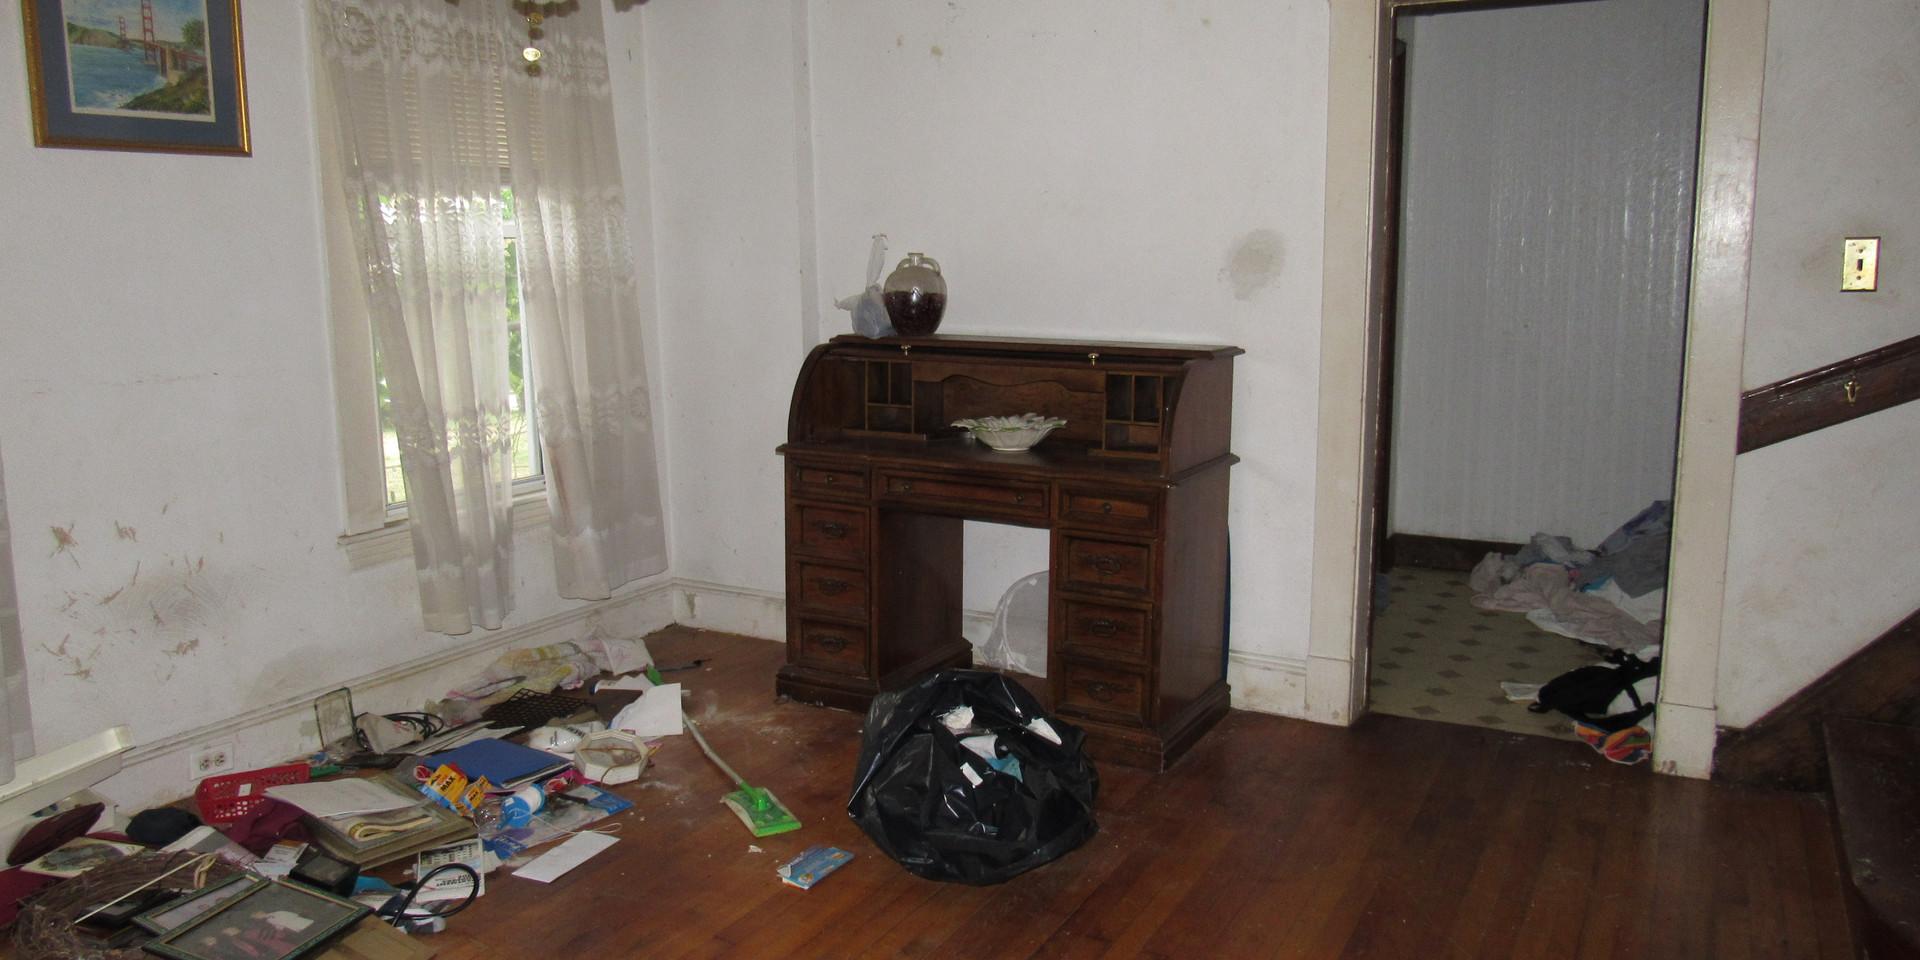 07 Dining Room A.JPG